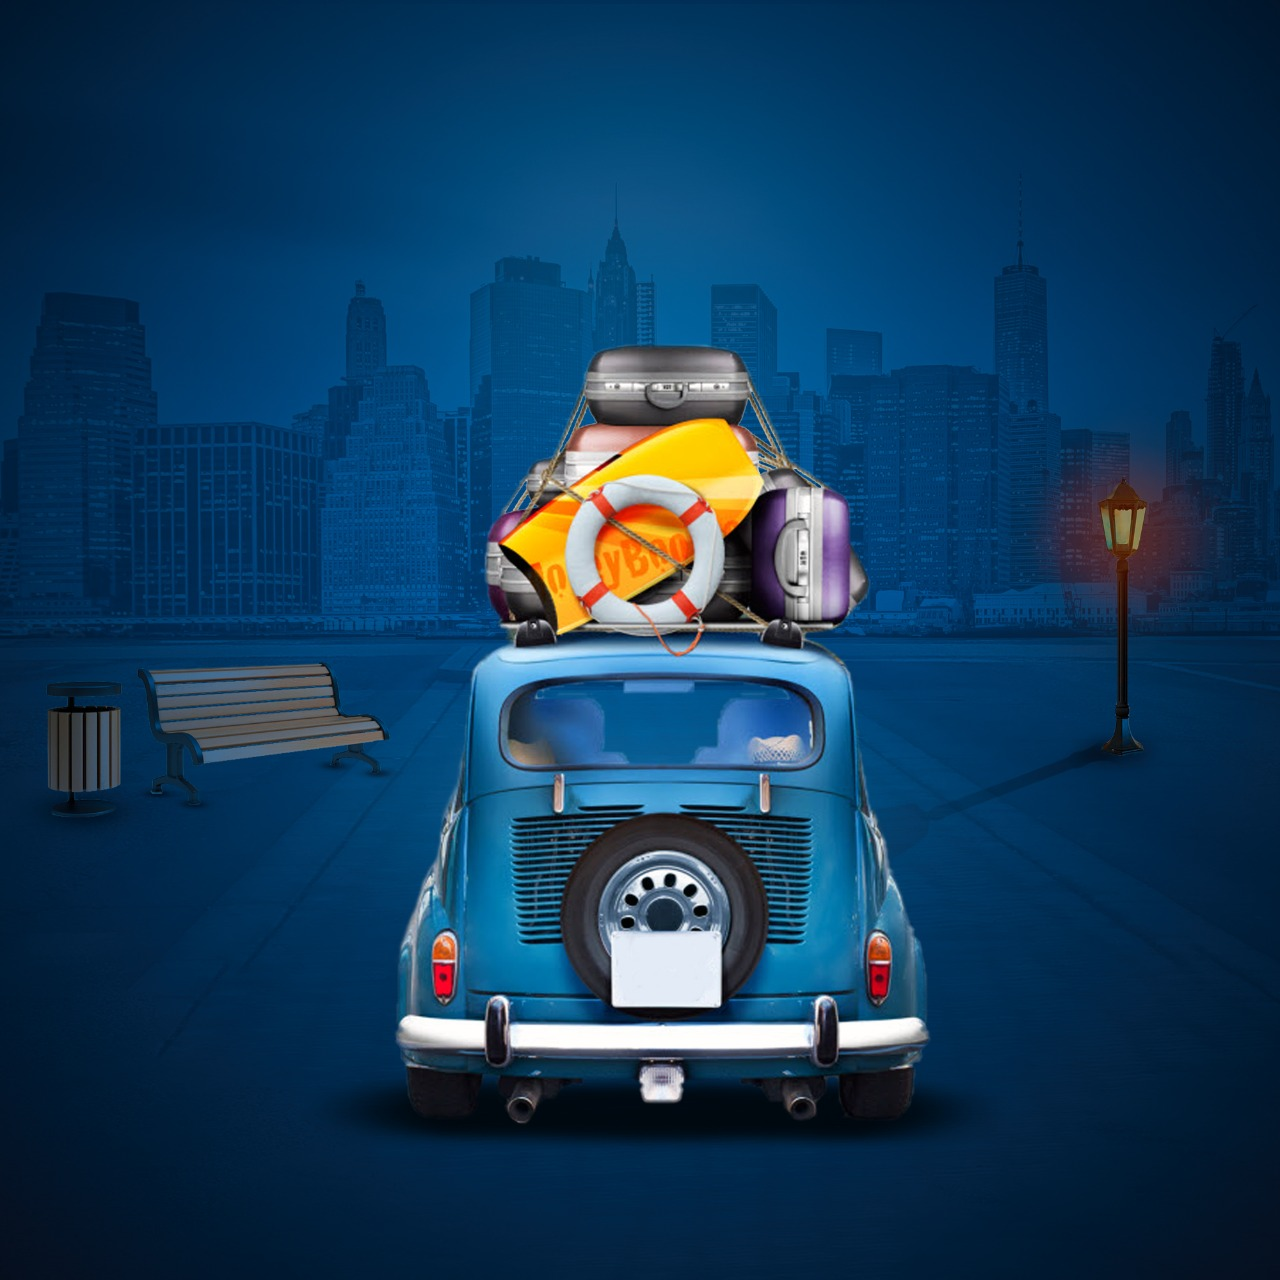 نصائح لسفر آمن بالسيارة فى فصل الصيف وللتأكد من سلامة السيارة